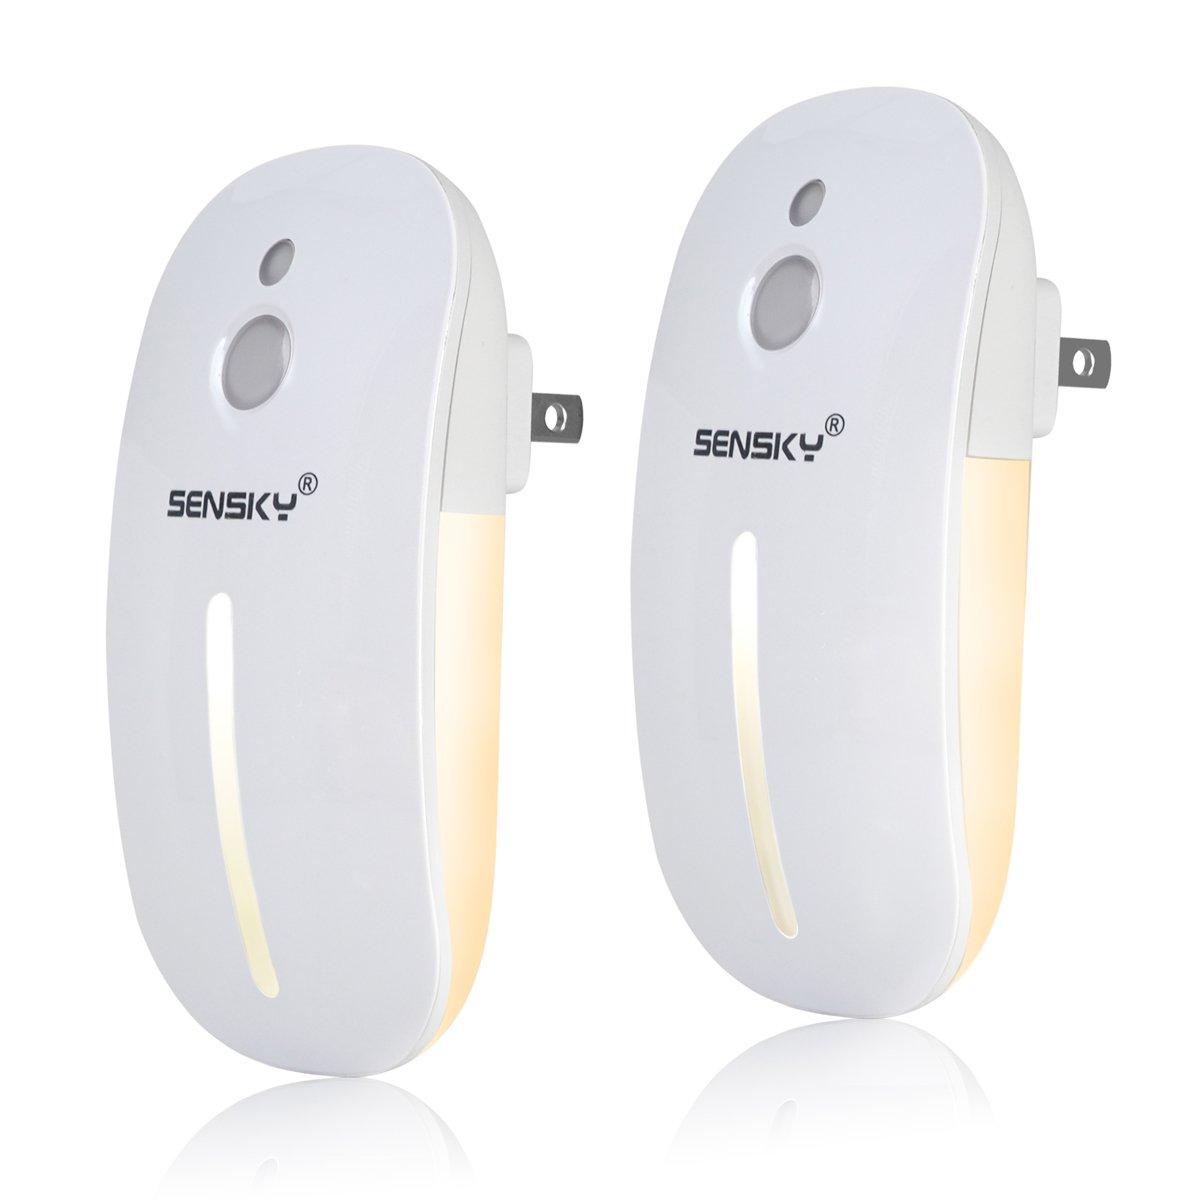 Sensky Plug in LED Night Light, Dusk to Dawn Sensor Light Sensor Warm Light Brightness Adjustable for Kitchen, Hallway, Stairs, Garages, 2-Pack